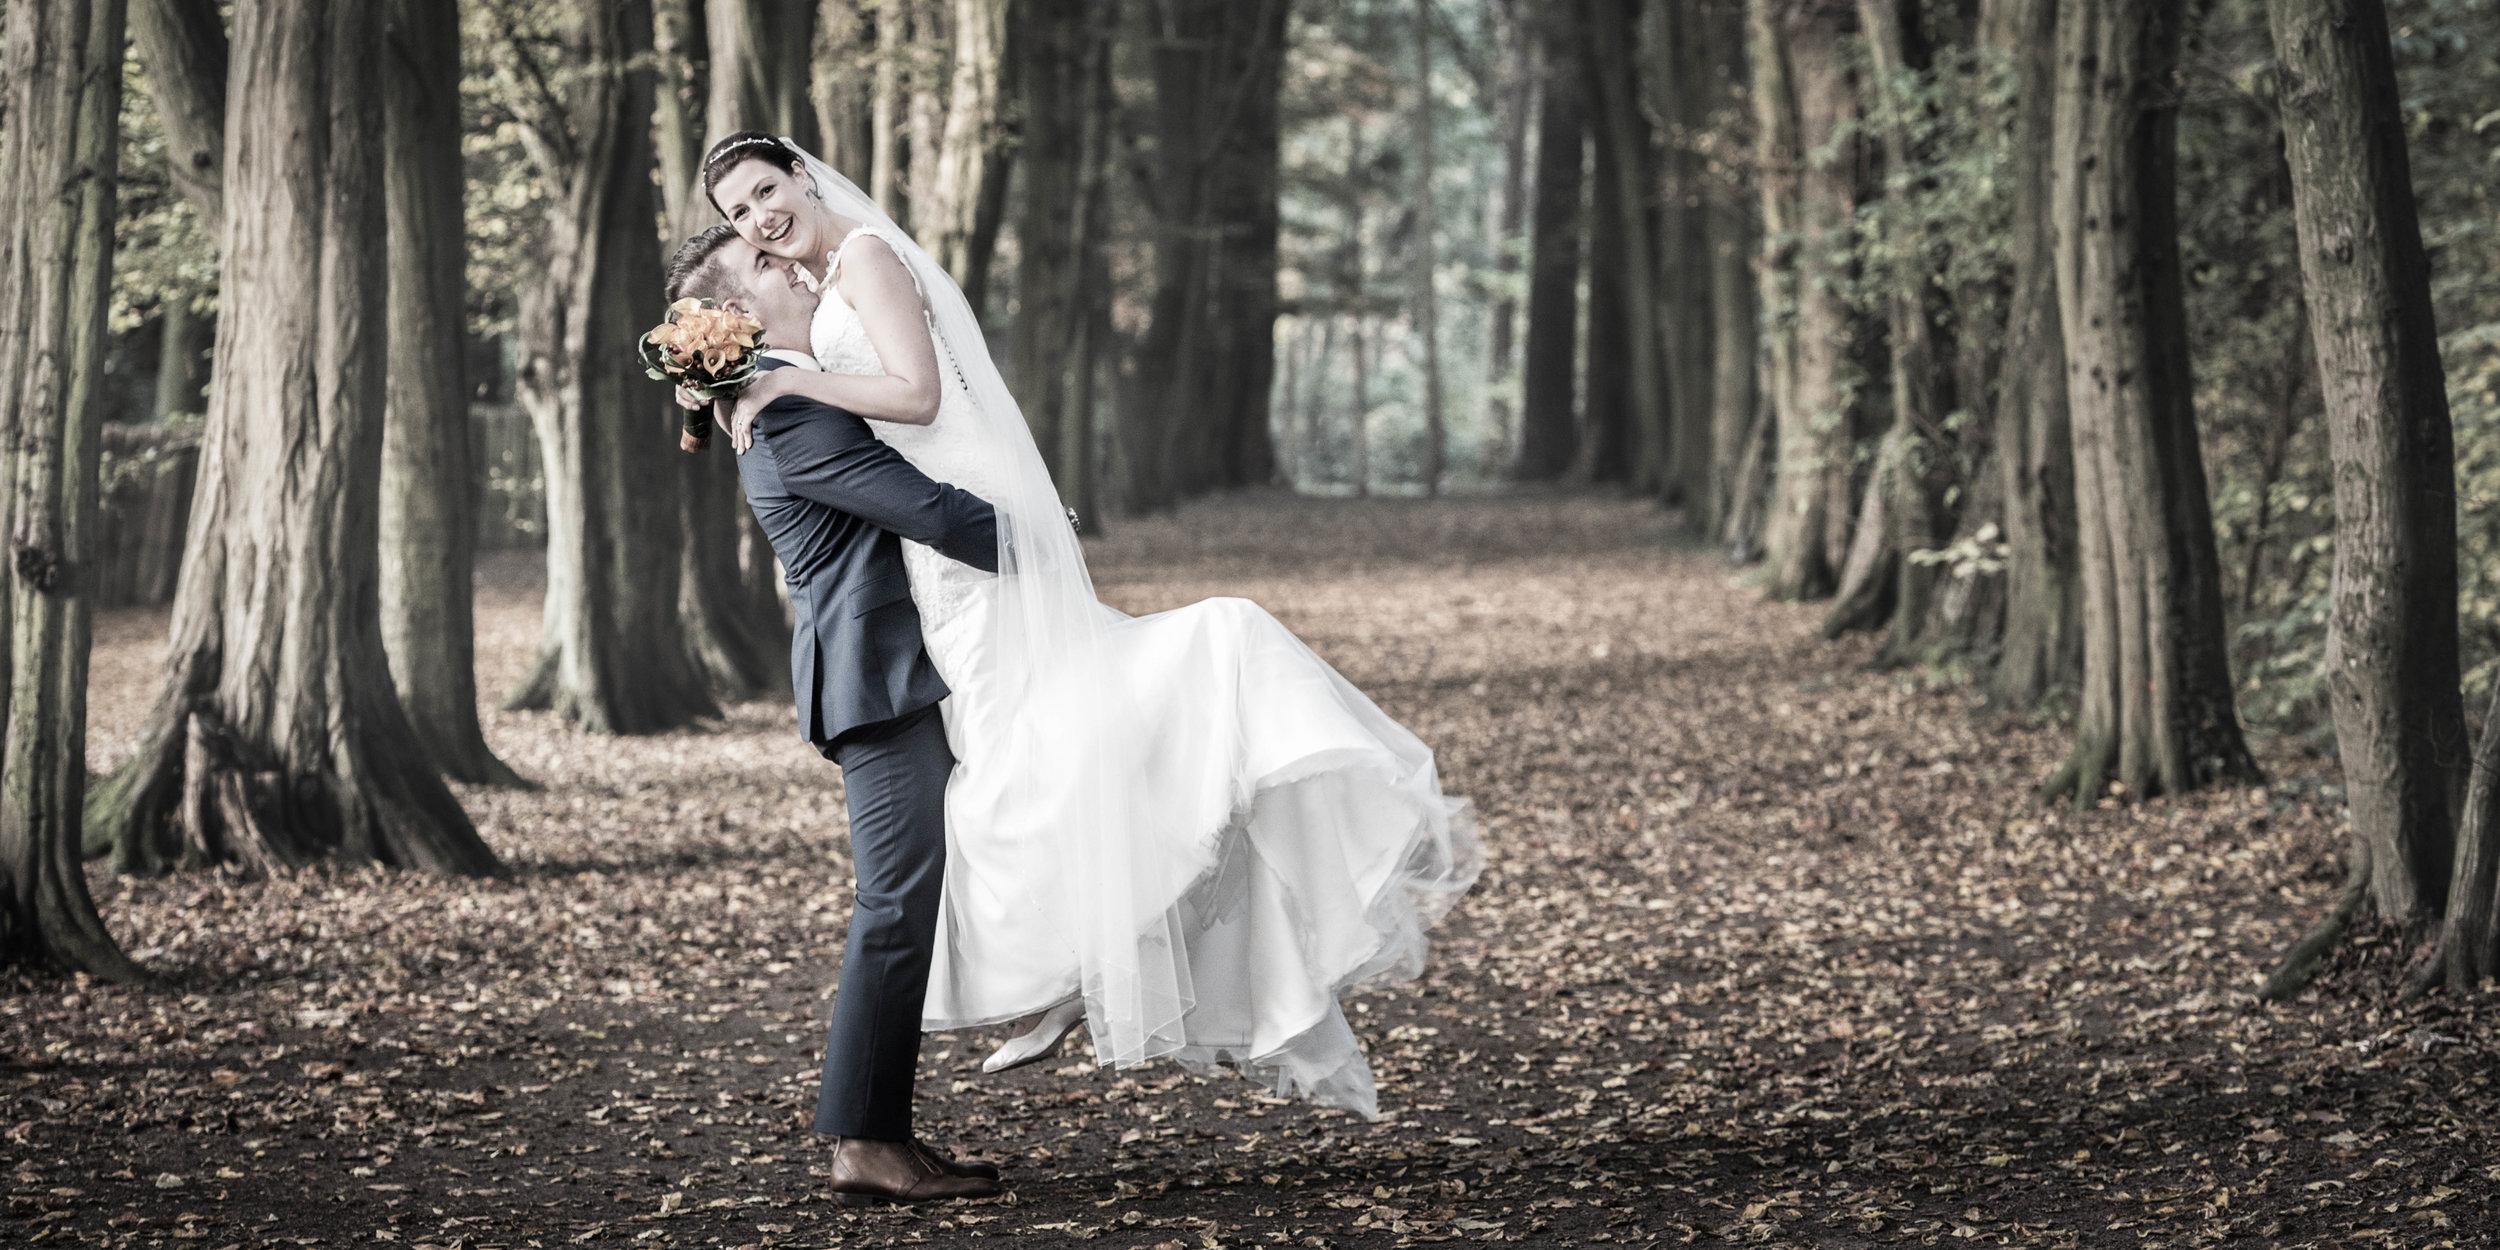 Huwelijksfotograaf Limburg Bilzen - Elysee, Genk